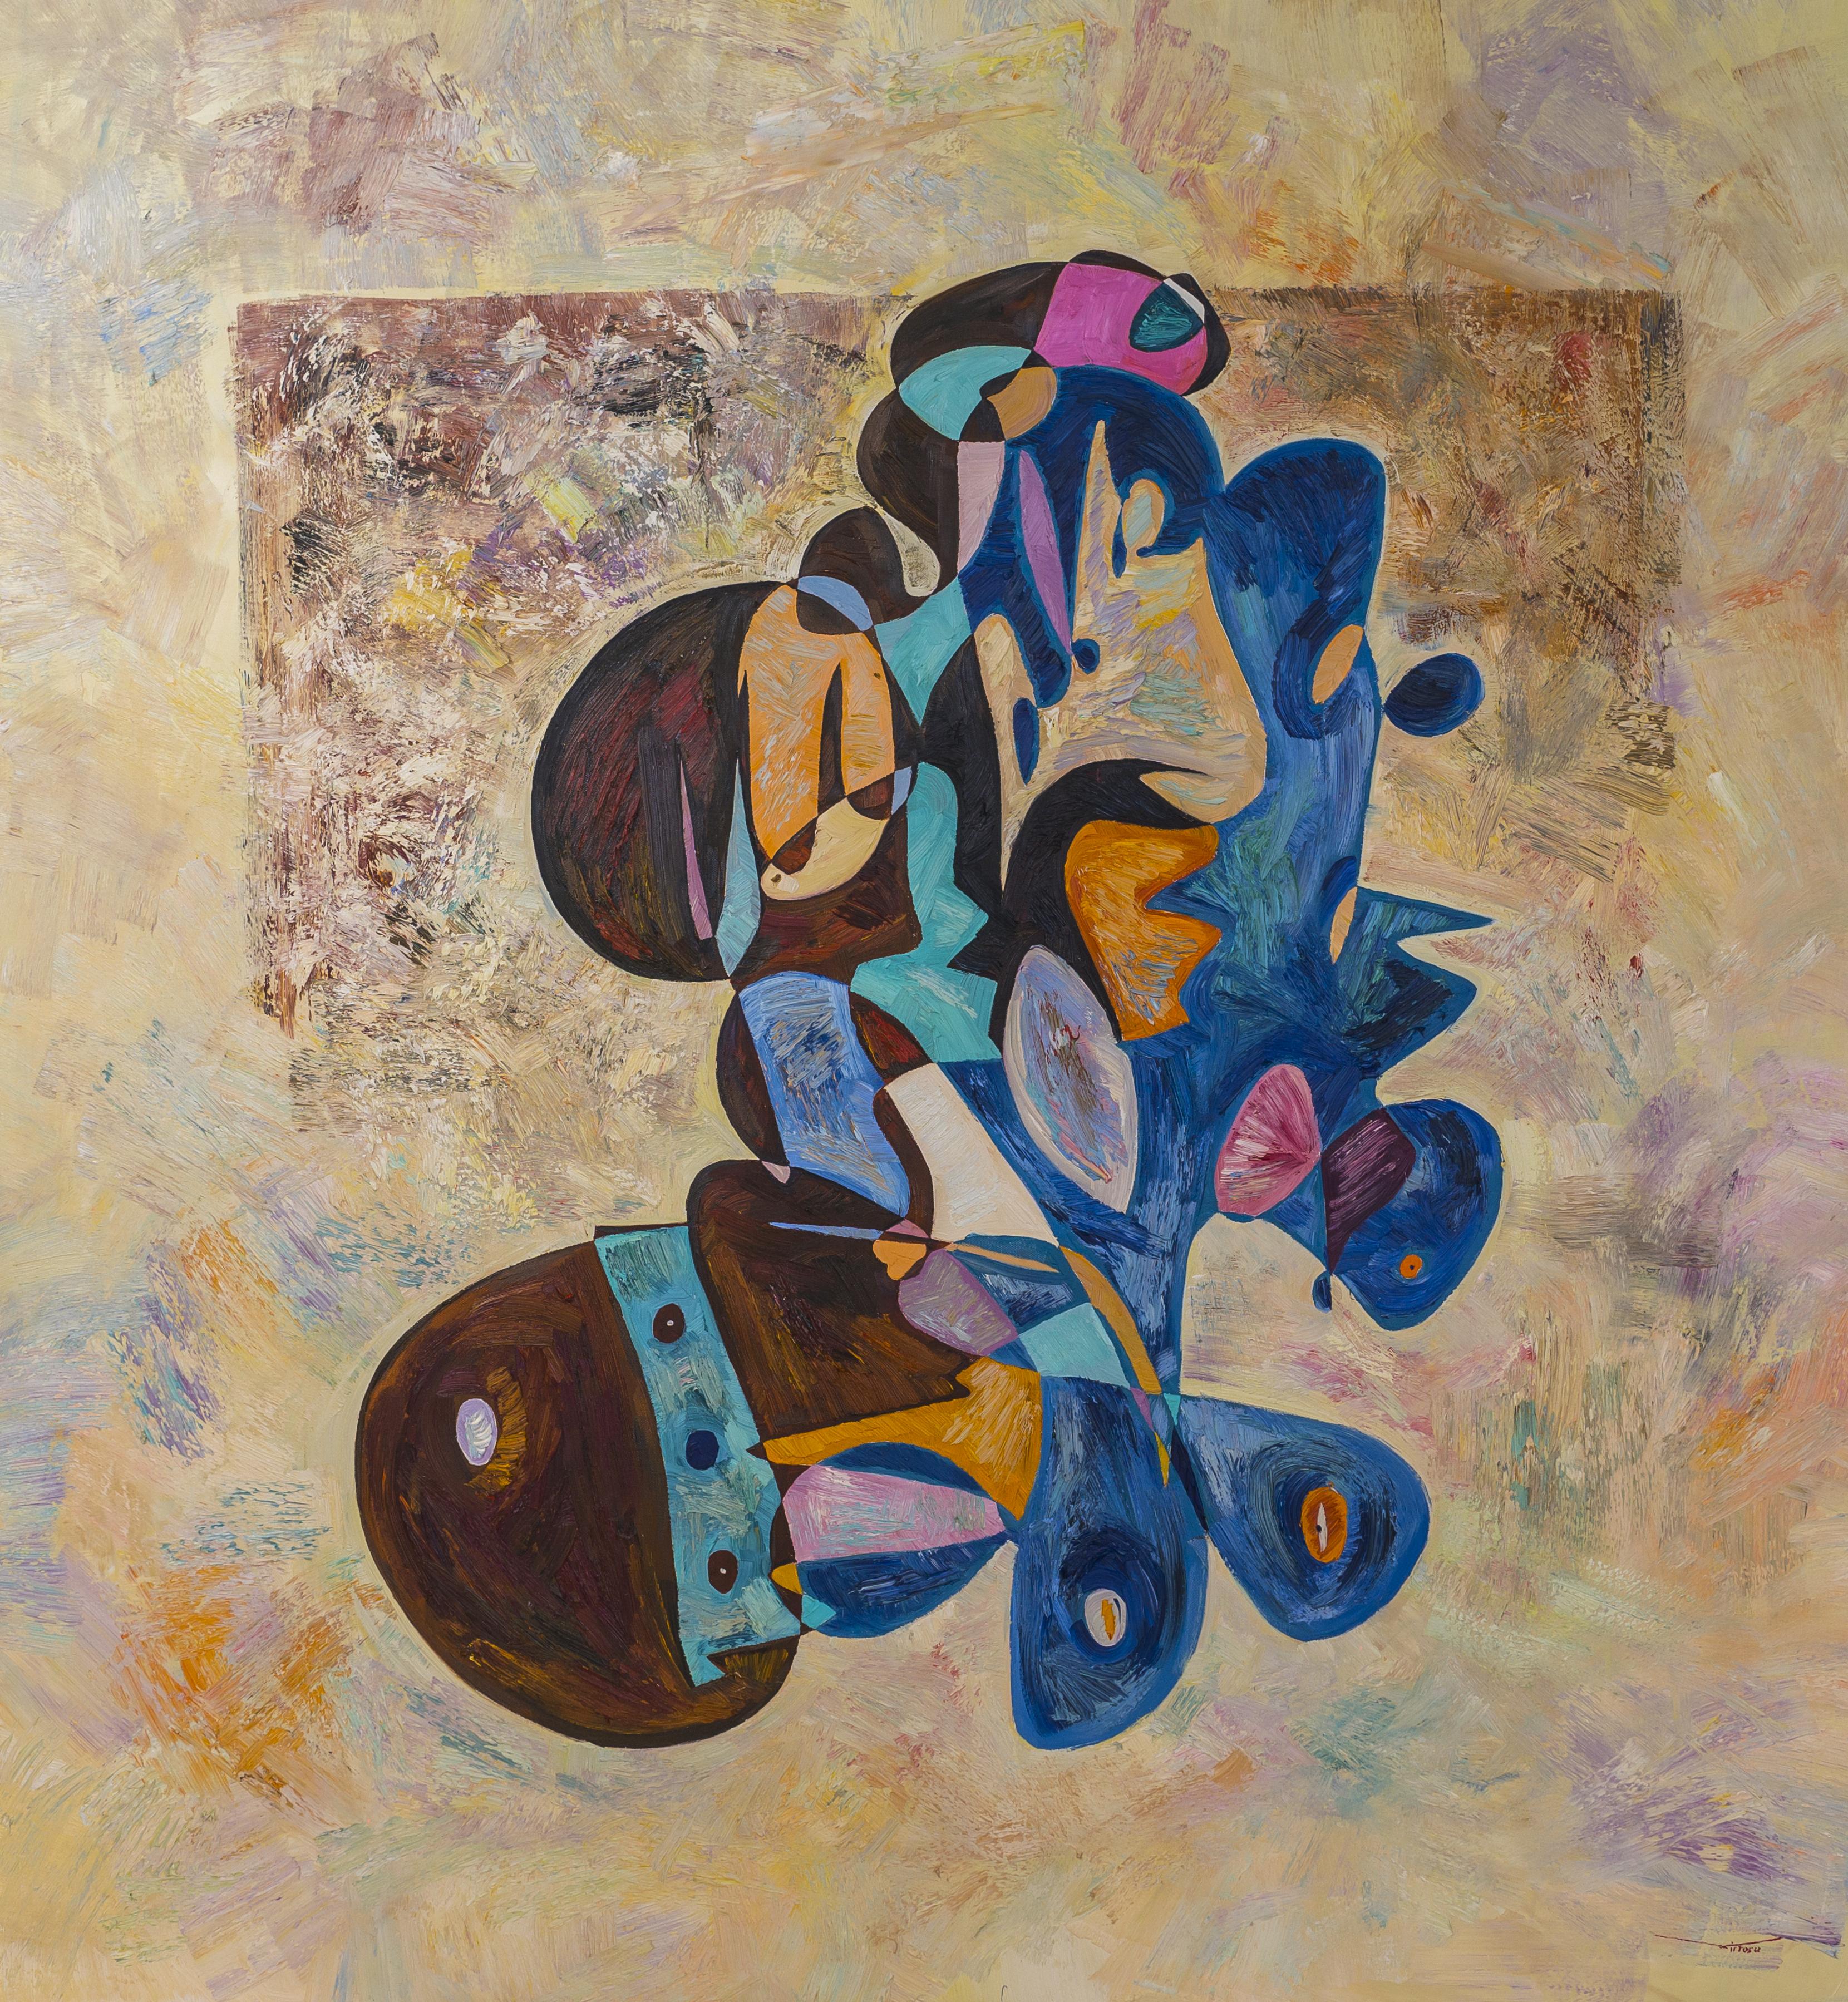 C-1-2015-001-Aladdin.JPG